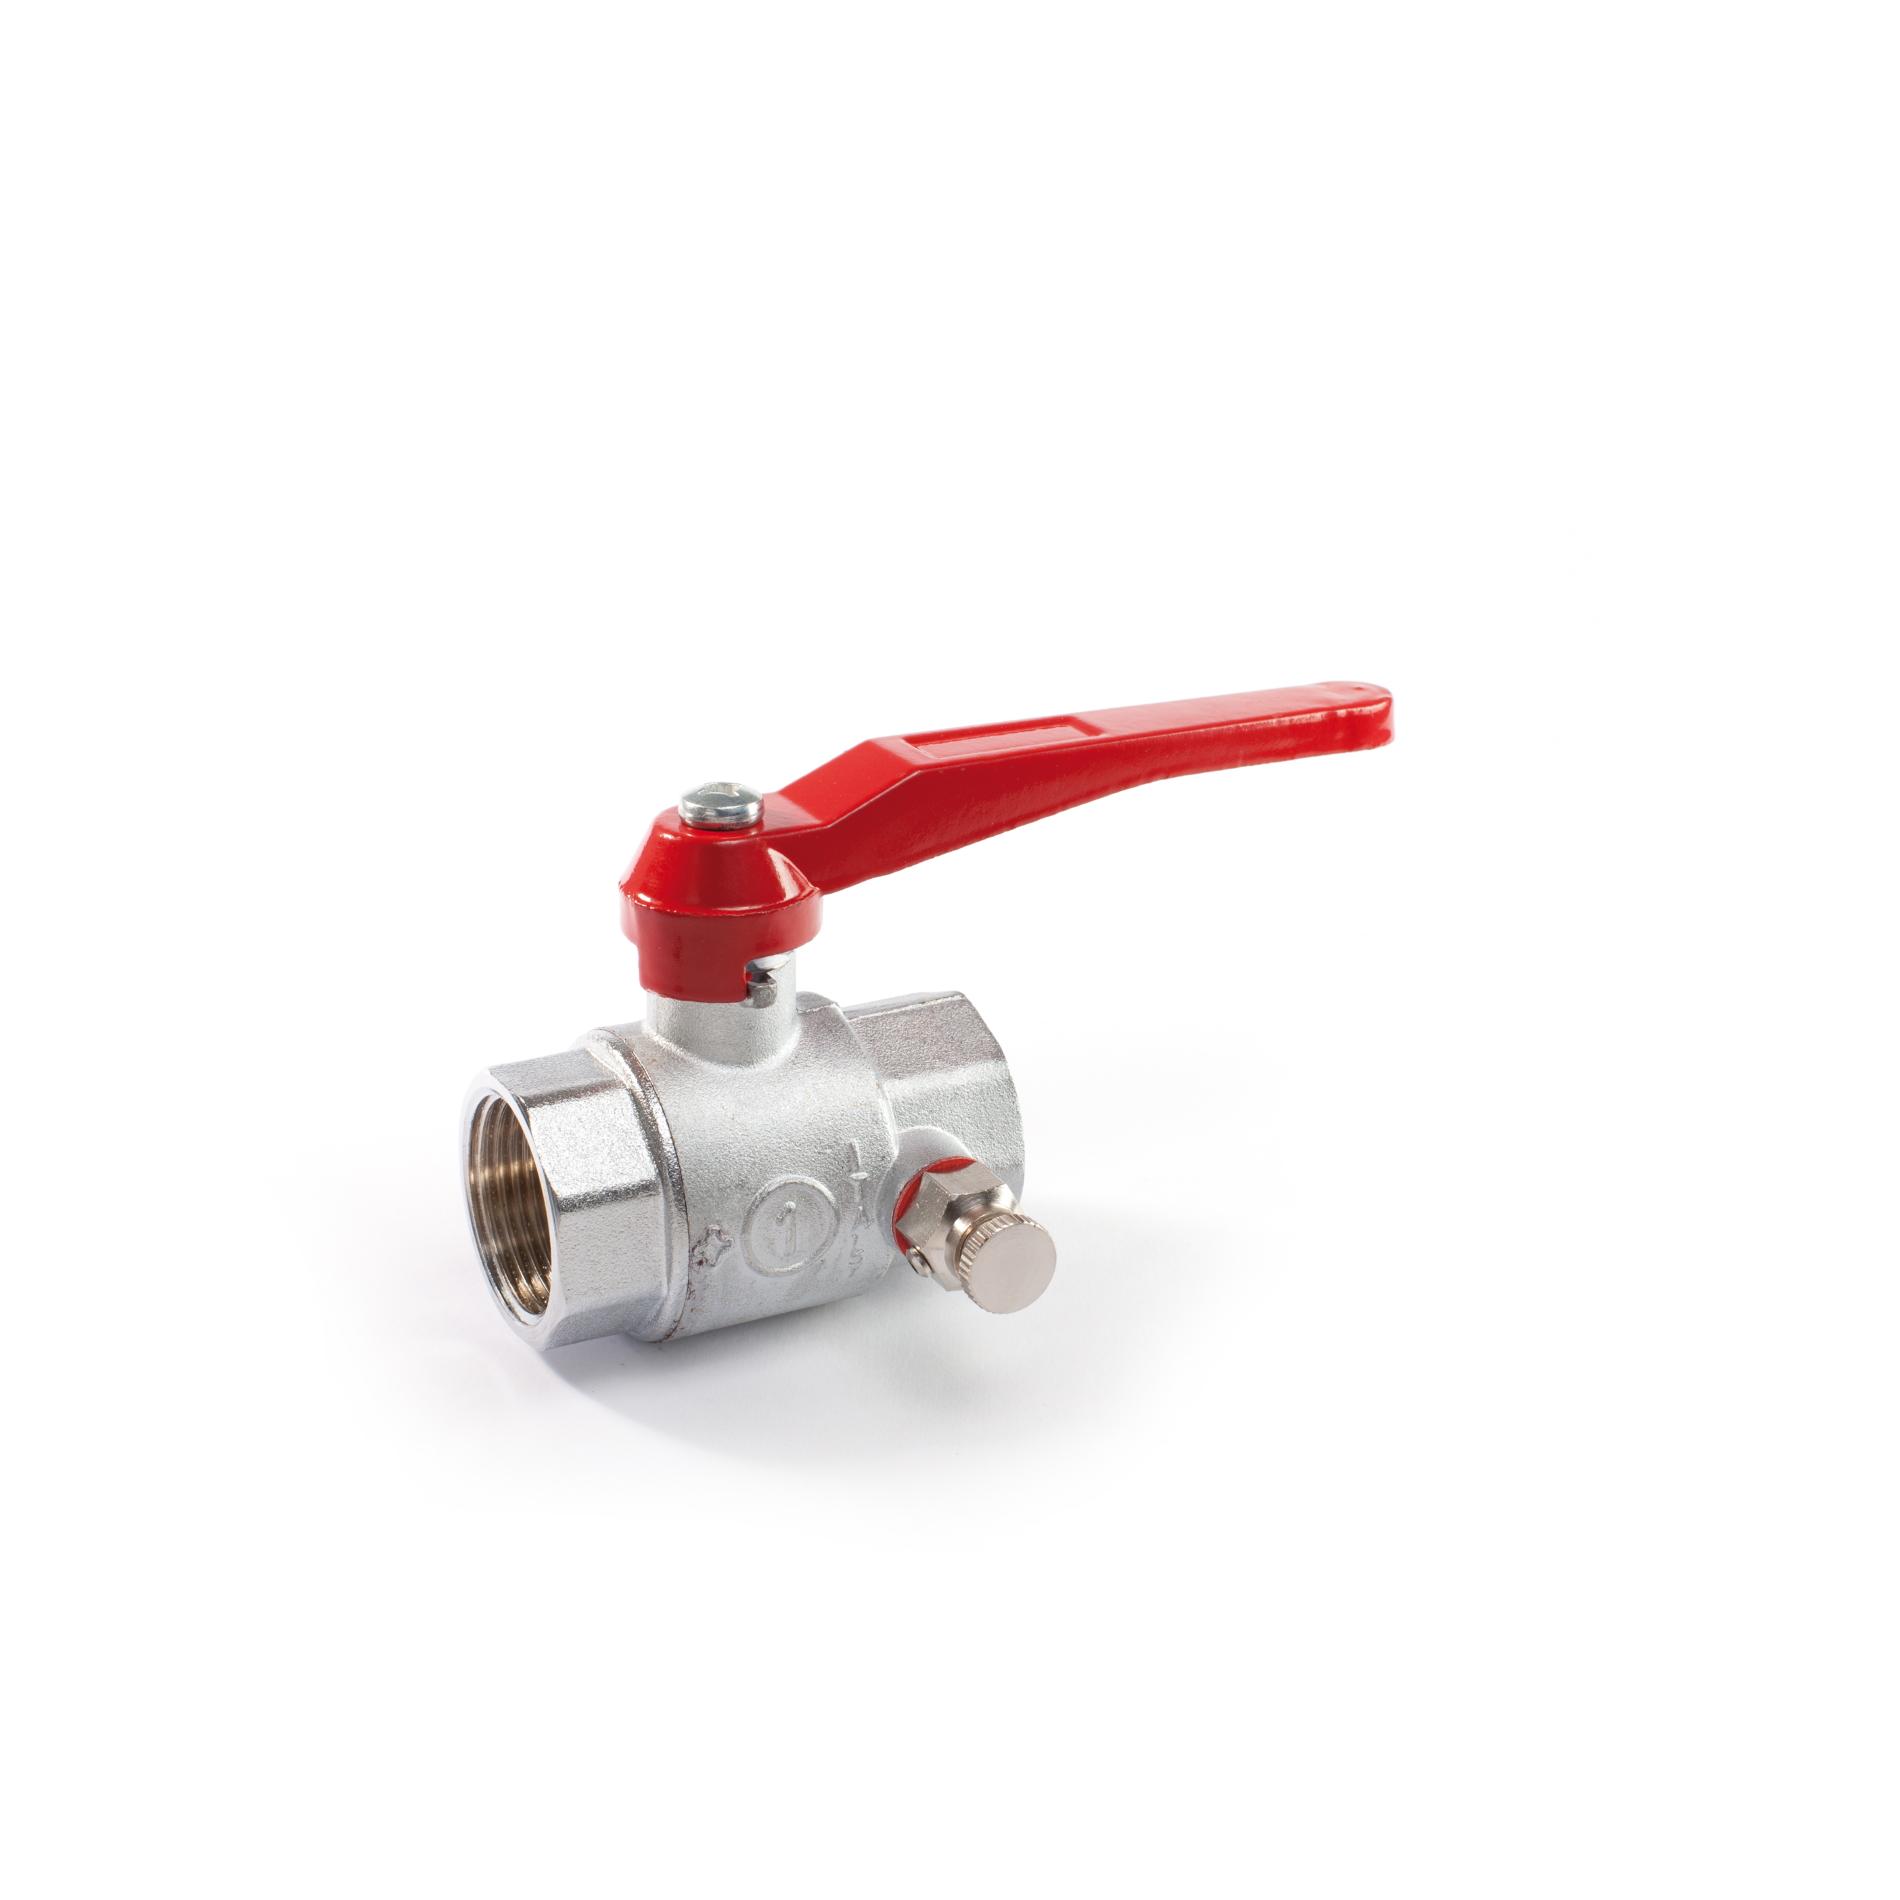 065 Valvola a sfera a passaggio totale tappo e valvolina di sfiato leva Brass ball valves normal type FxF plug and air vent lever